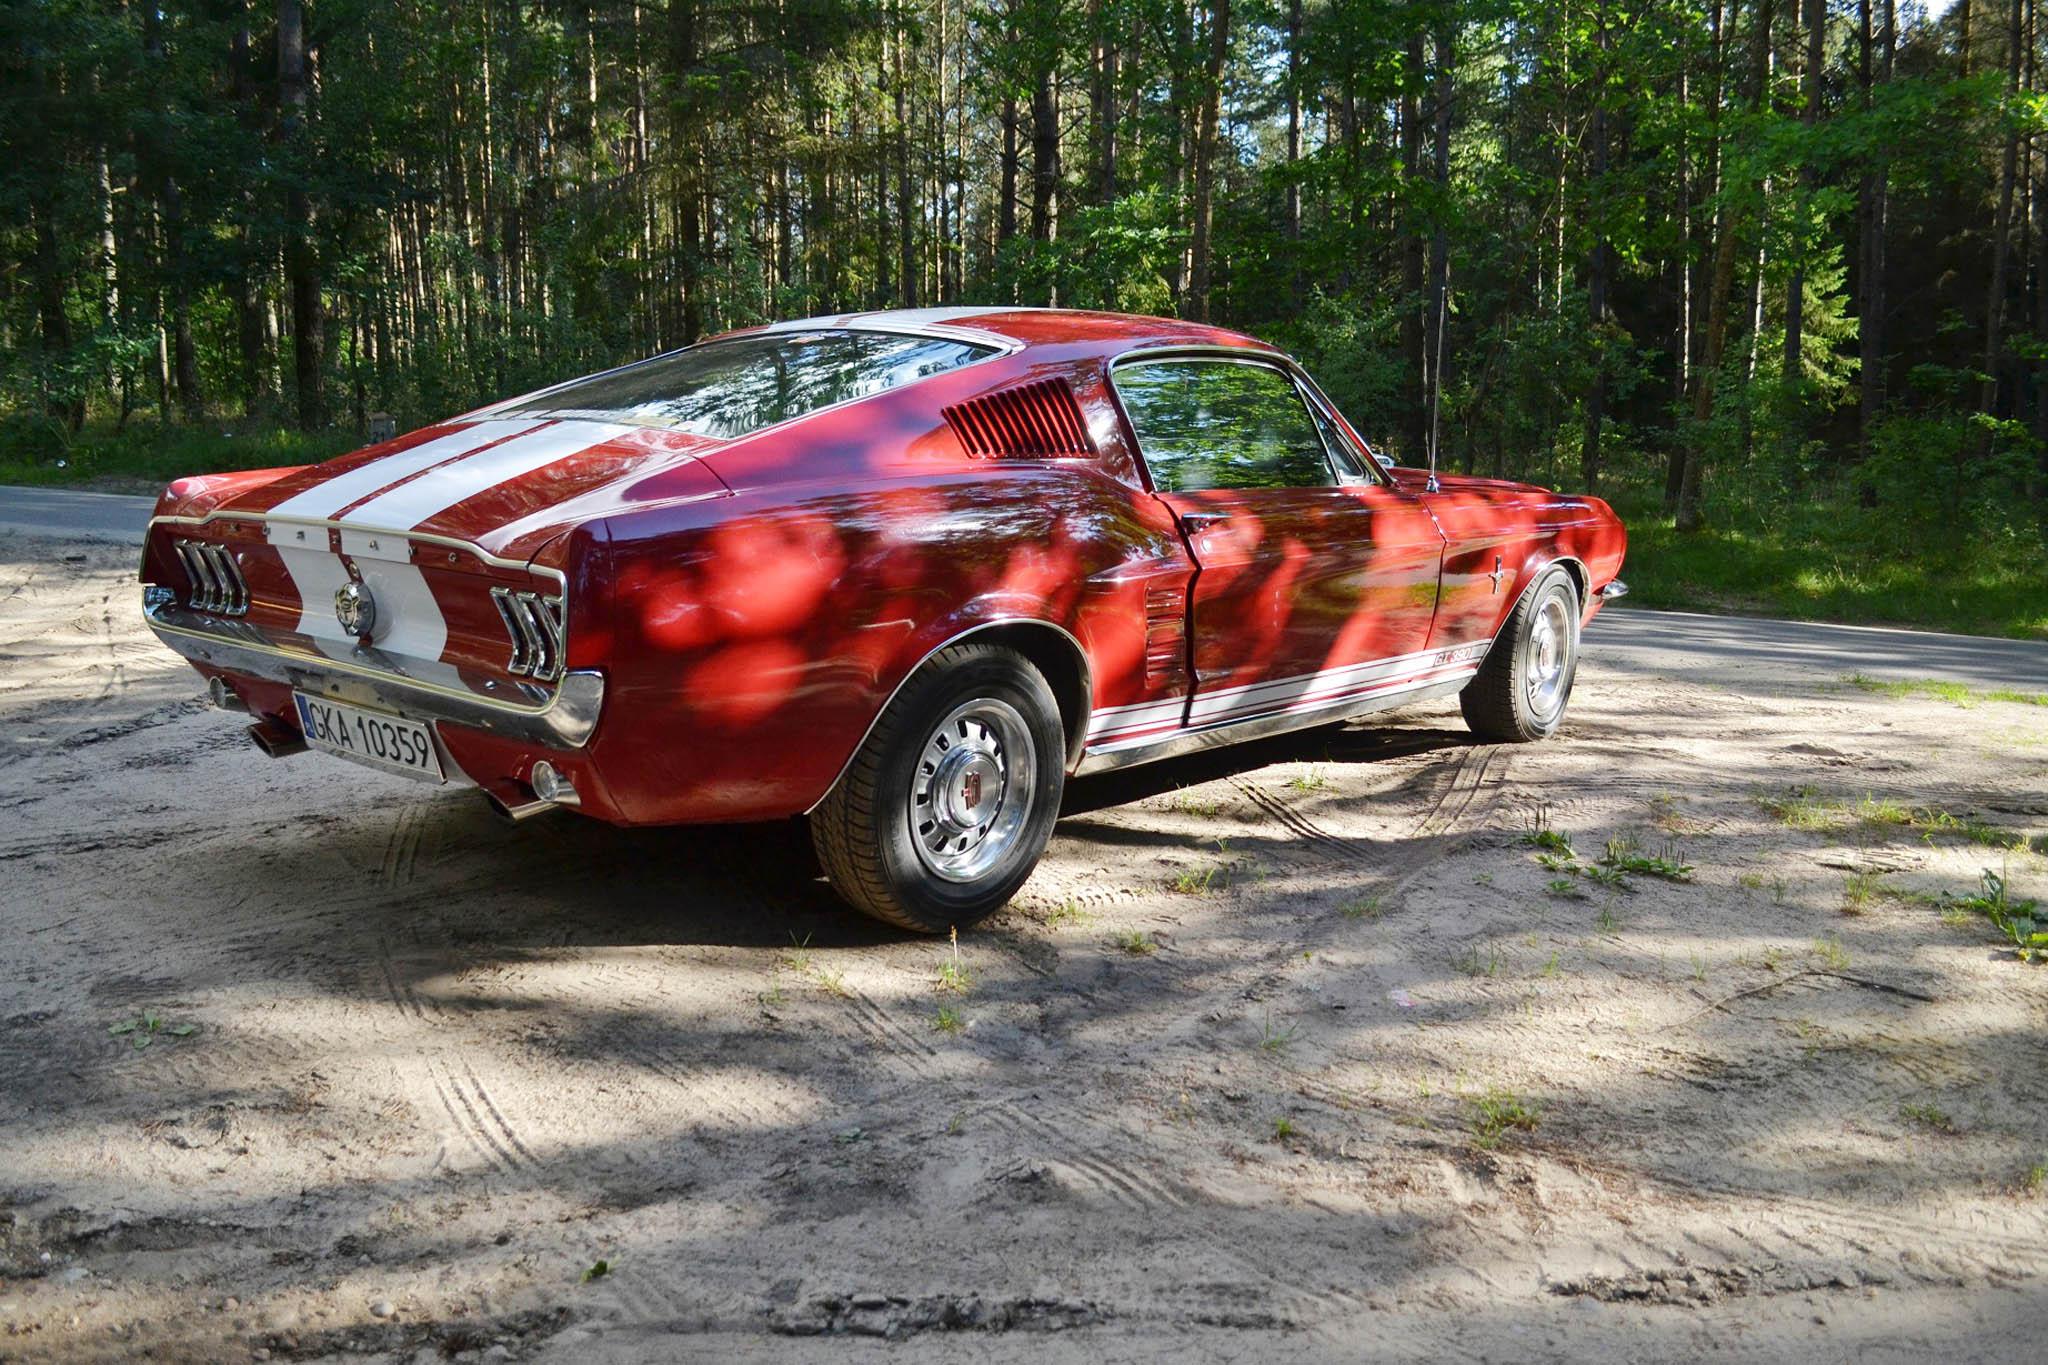 Ford Mustang GT 390 Fastback 1967 SPRZEDANY Giełda klasyk³w